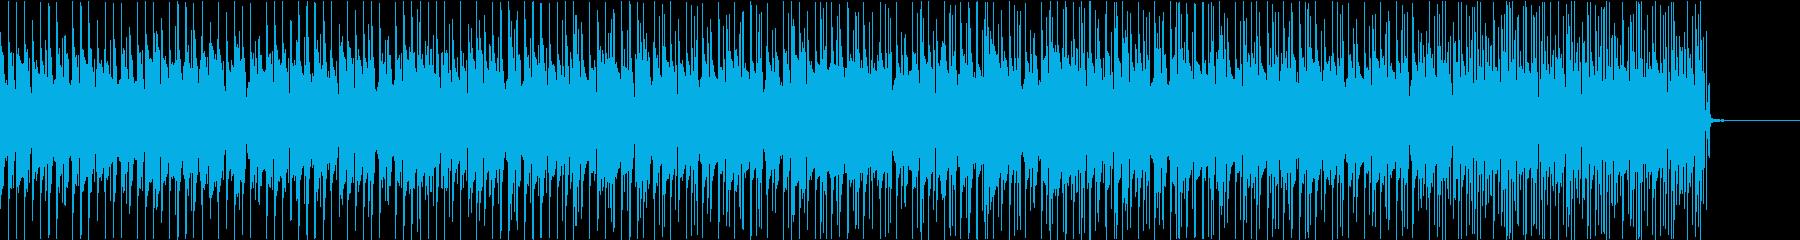 ジャズ調のピアノトリオポップスの再生済みの波形